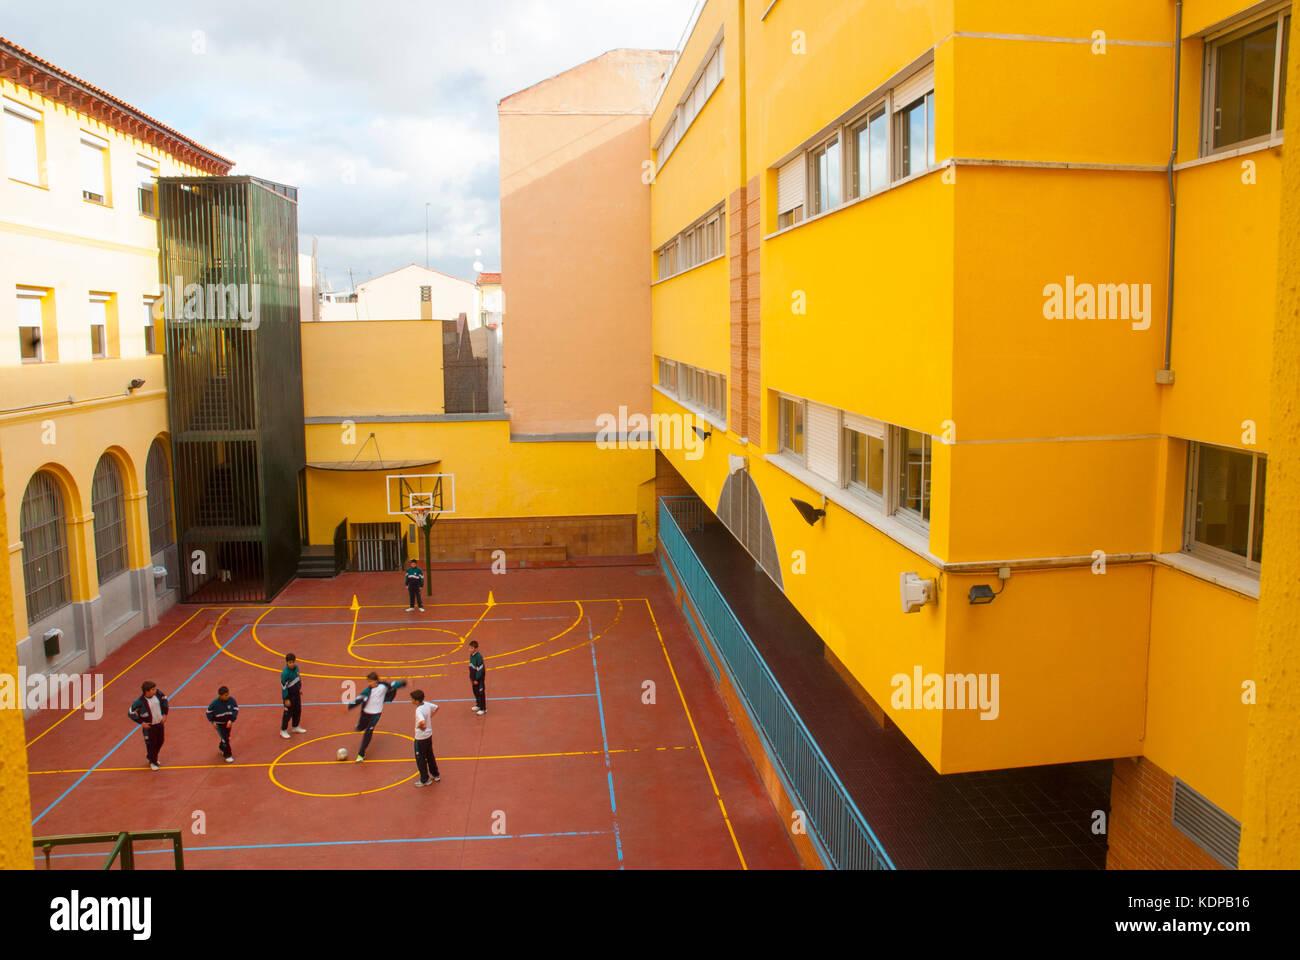 Patio de recreo de una escuela. en Madrid, España. Imagen De Stock